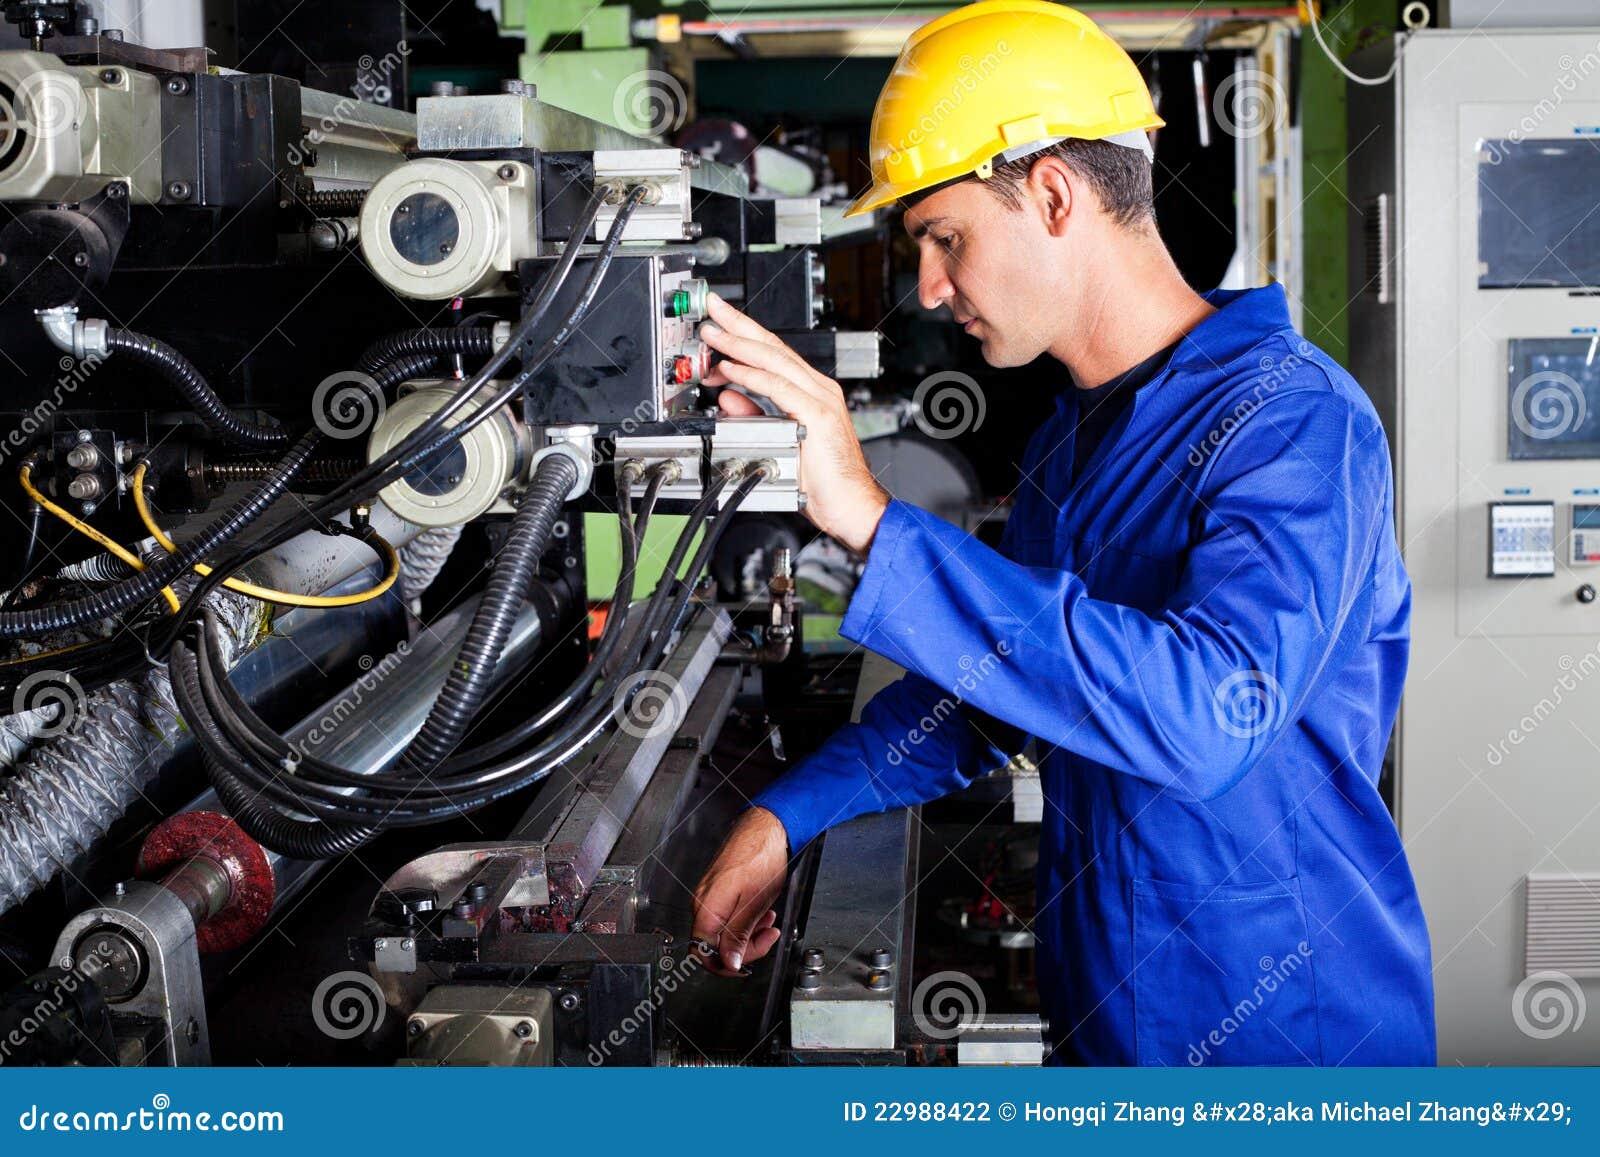 machine operating